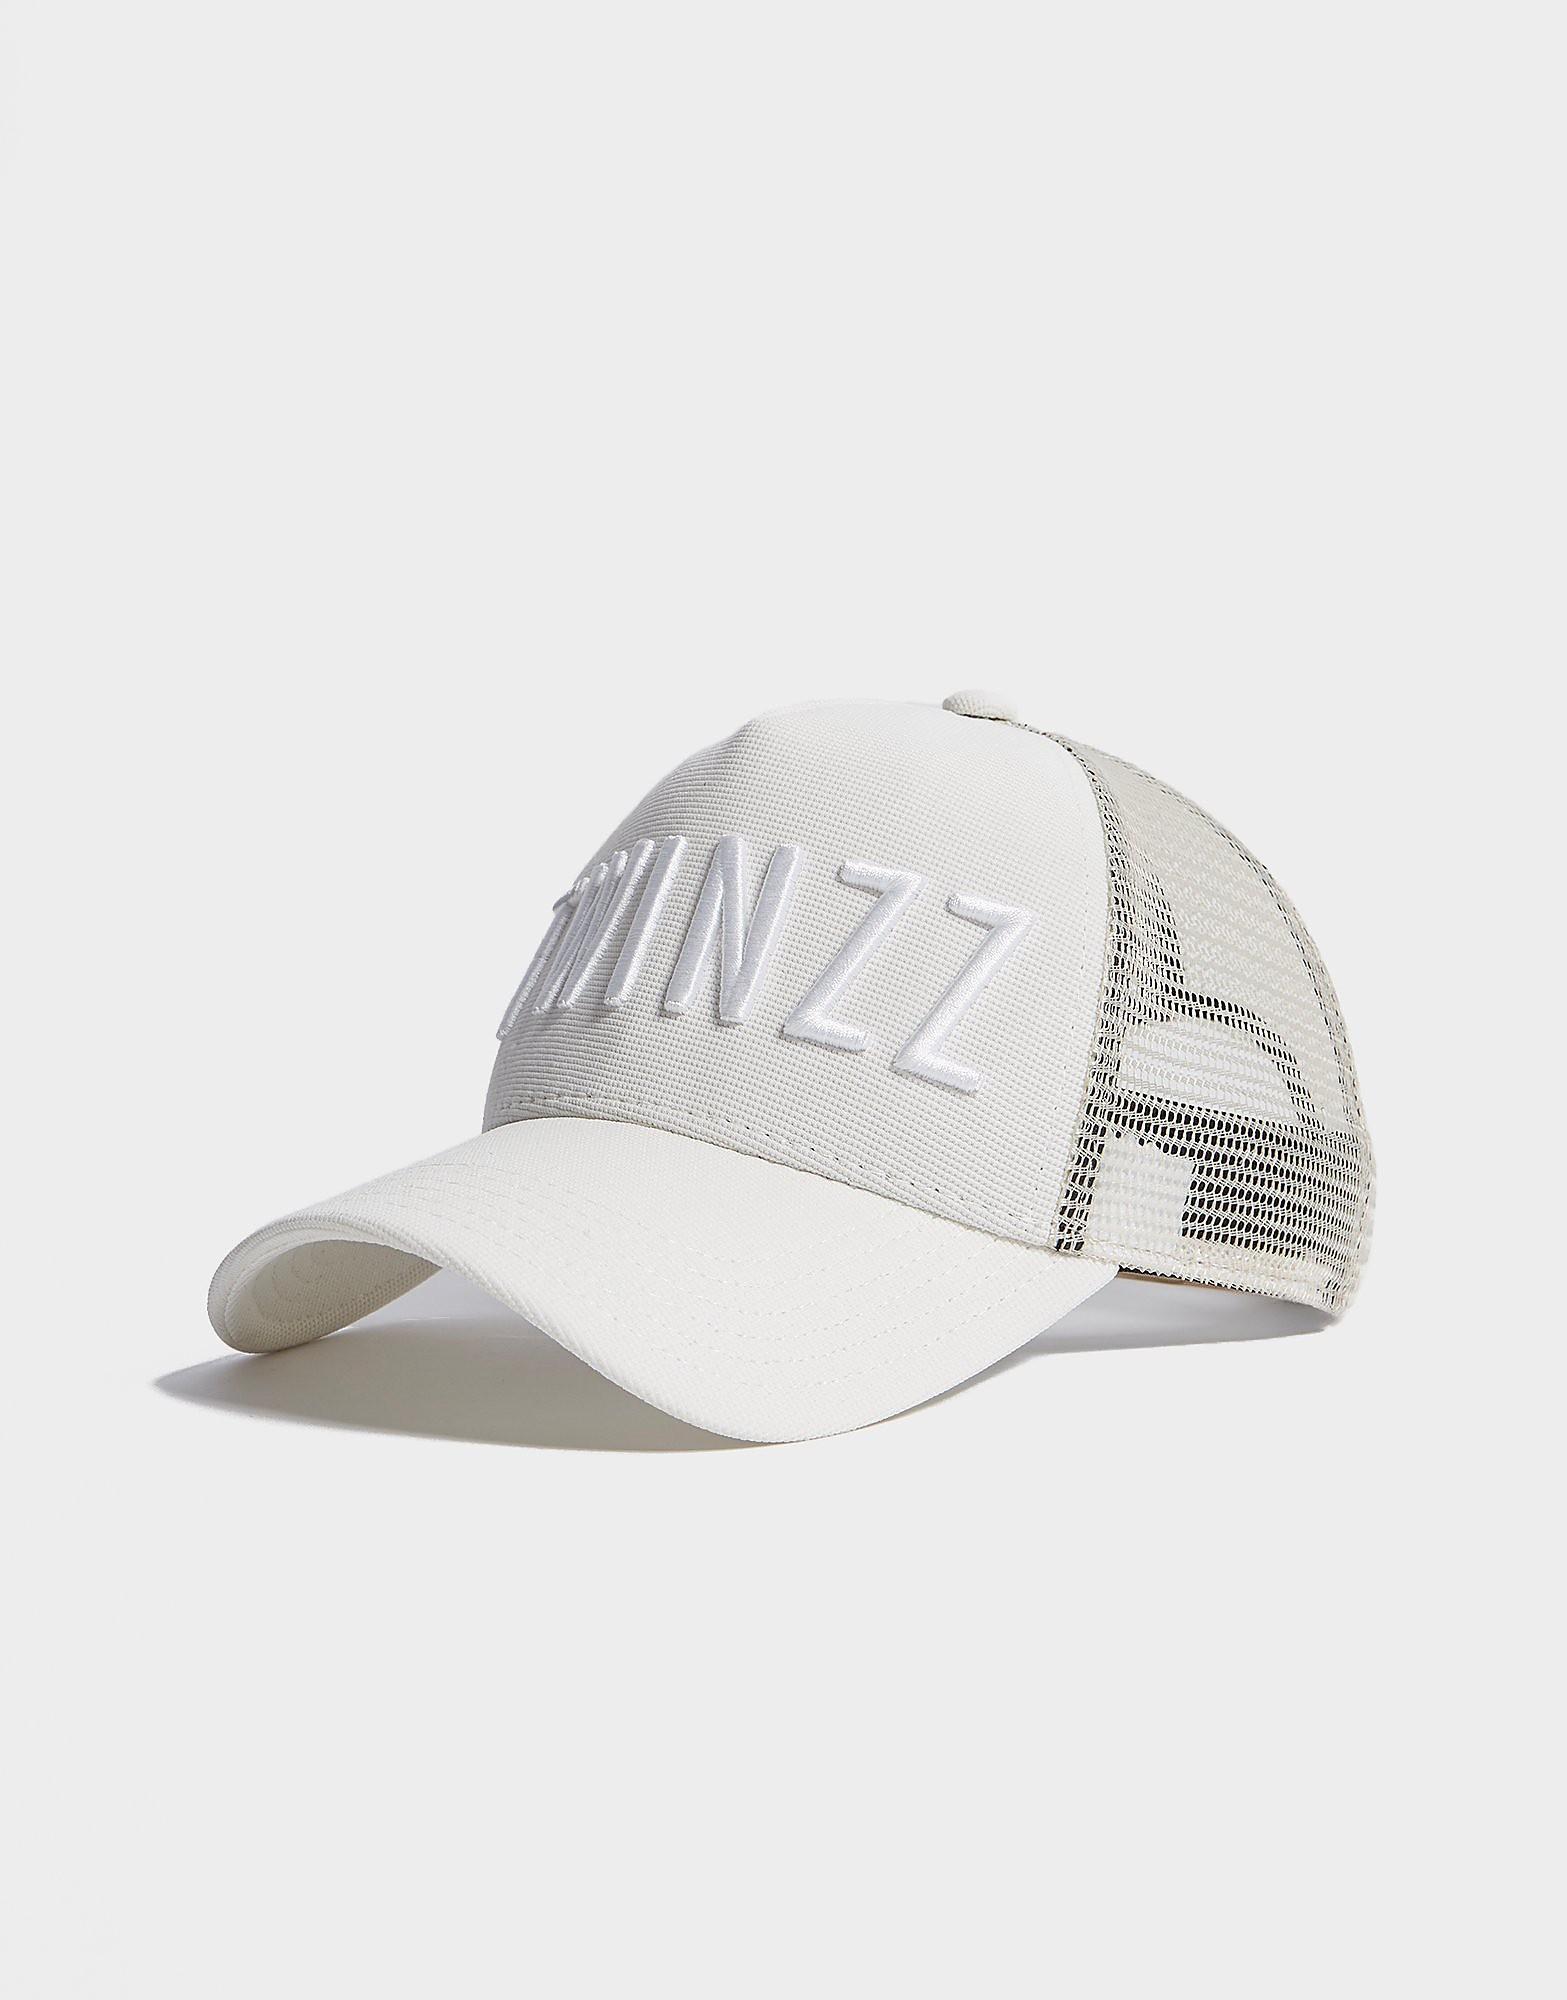 TWINZZ Casquette Trucker